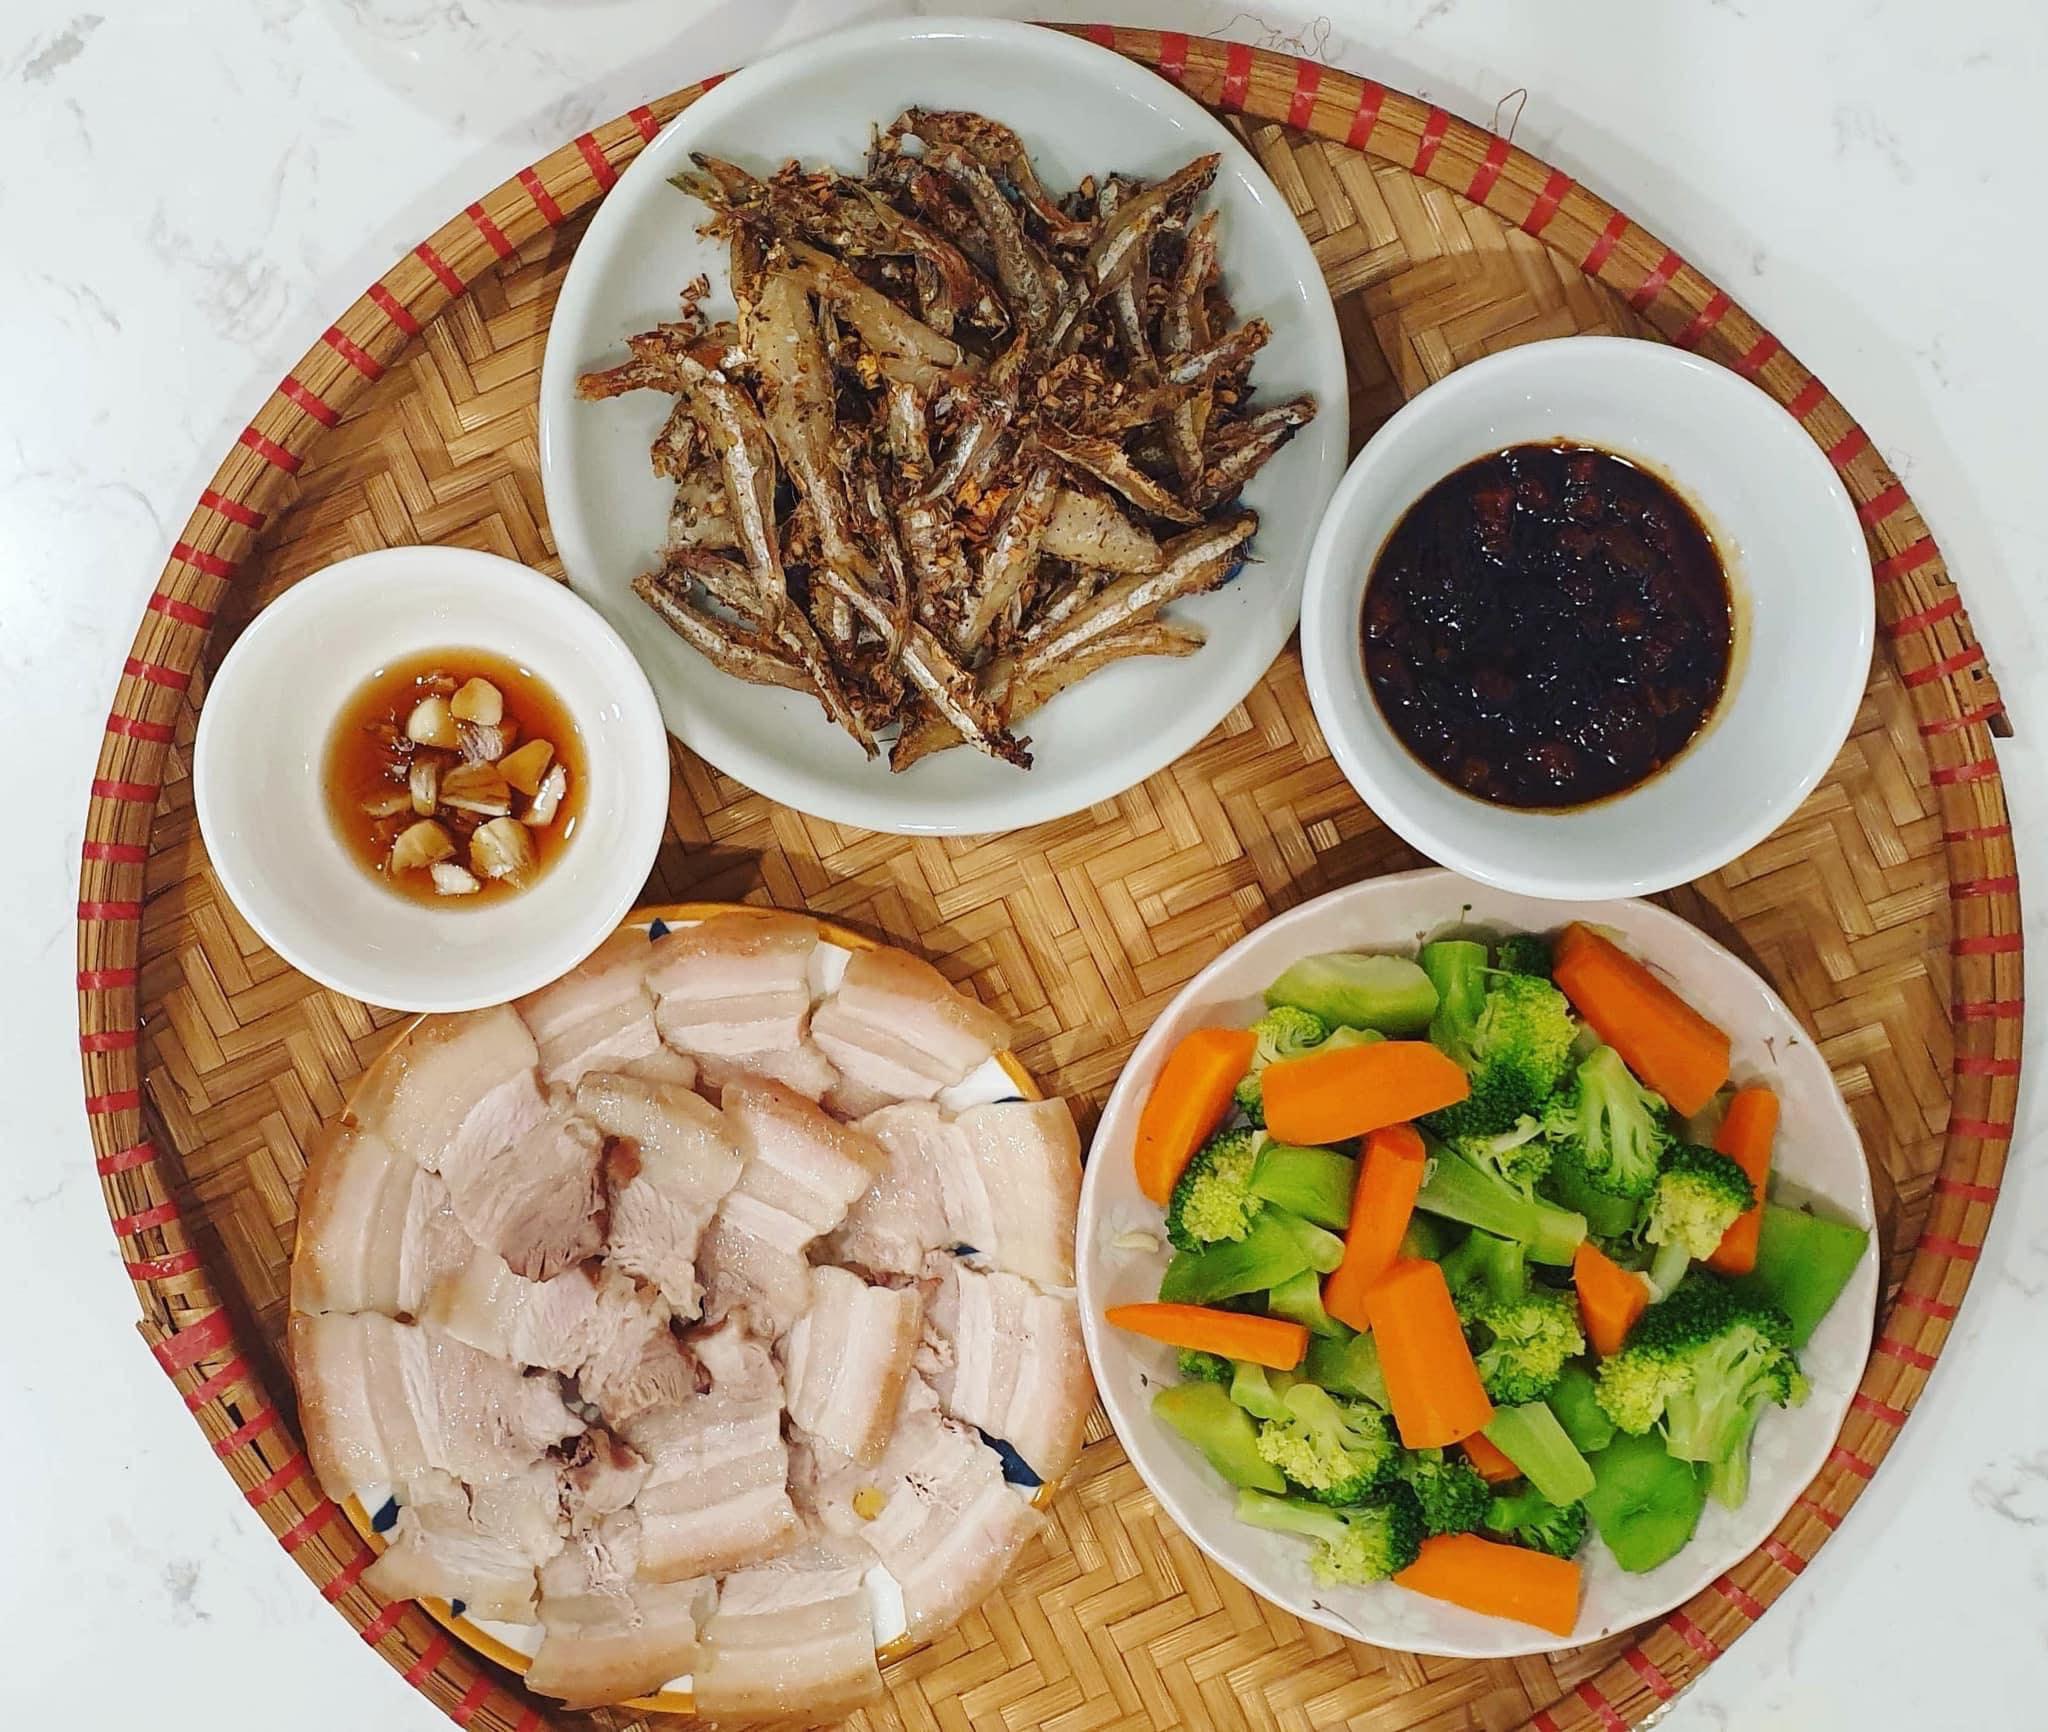 Chi phí chỉ từ 100k nhưng mỗi bữa cơm của bà nội trợ Hà Nội đều tươm tất đủ món thơm ngon, bổ dưỡng cho mọi thành viên gia đình - Ảnh 12.